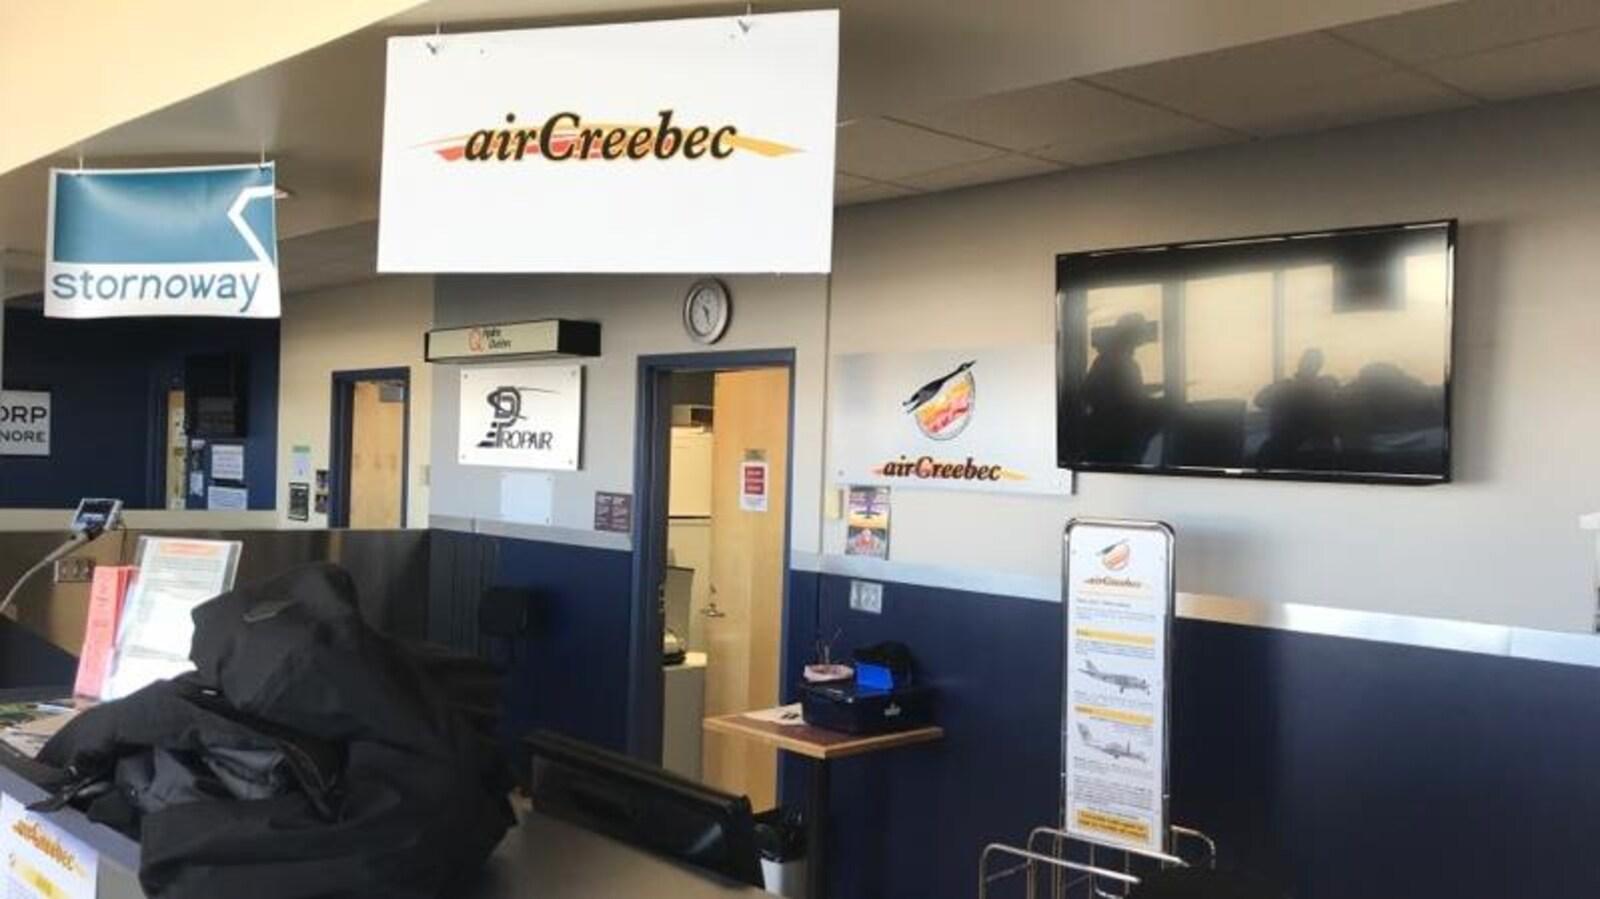 Le comptoir d'Air Creebec est identifié à l'aide de pancartes.